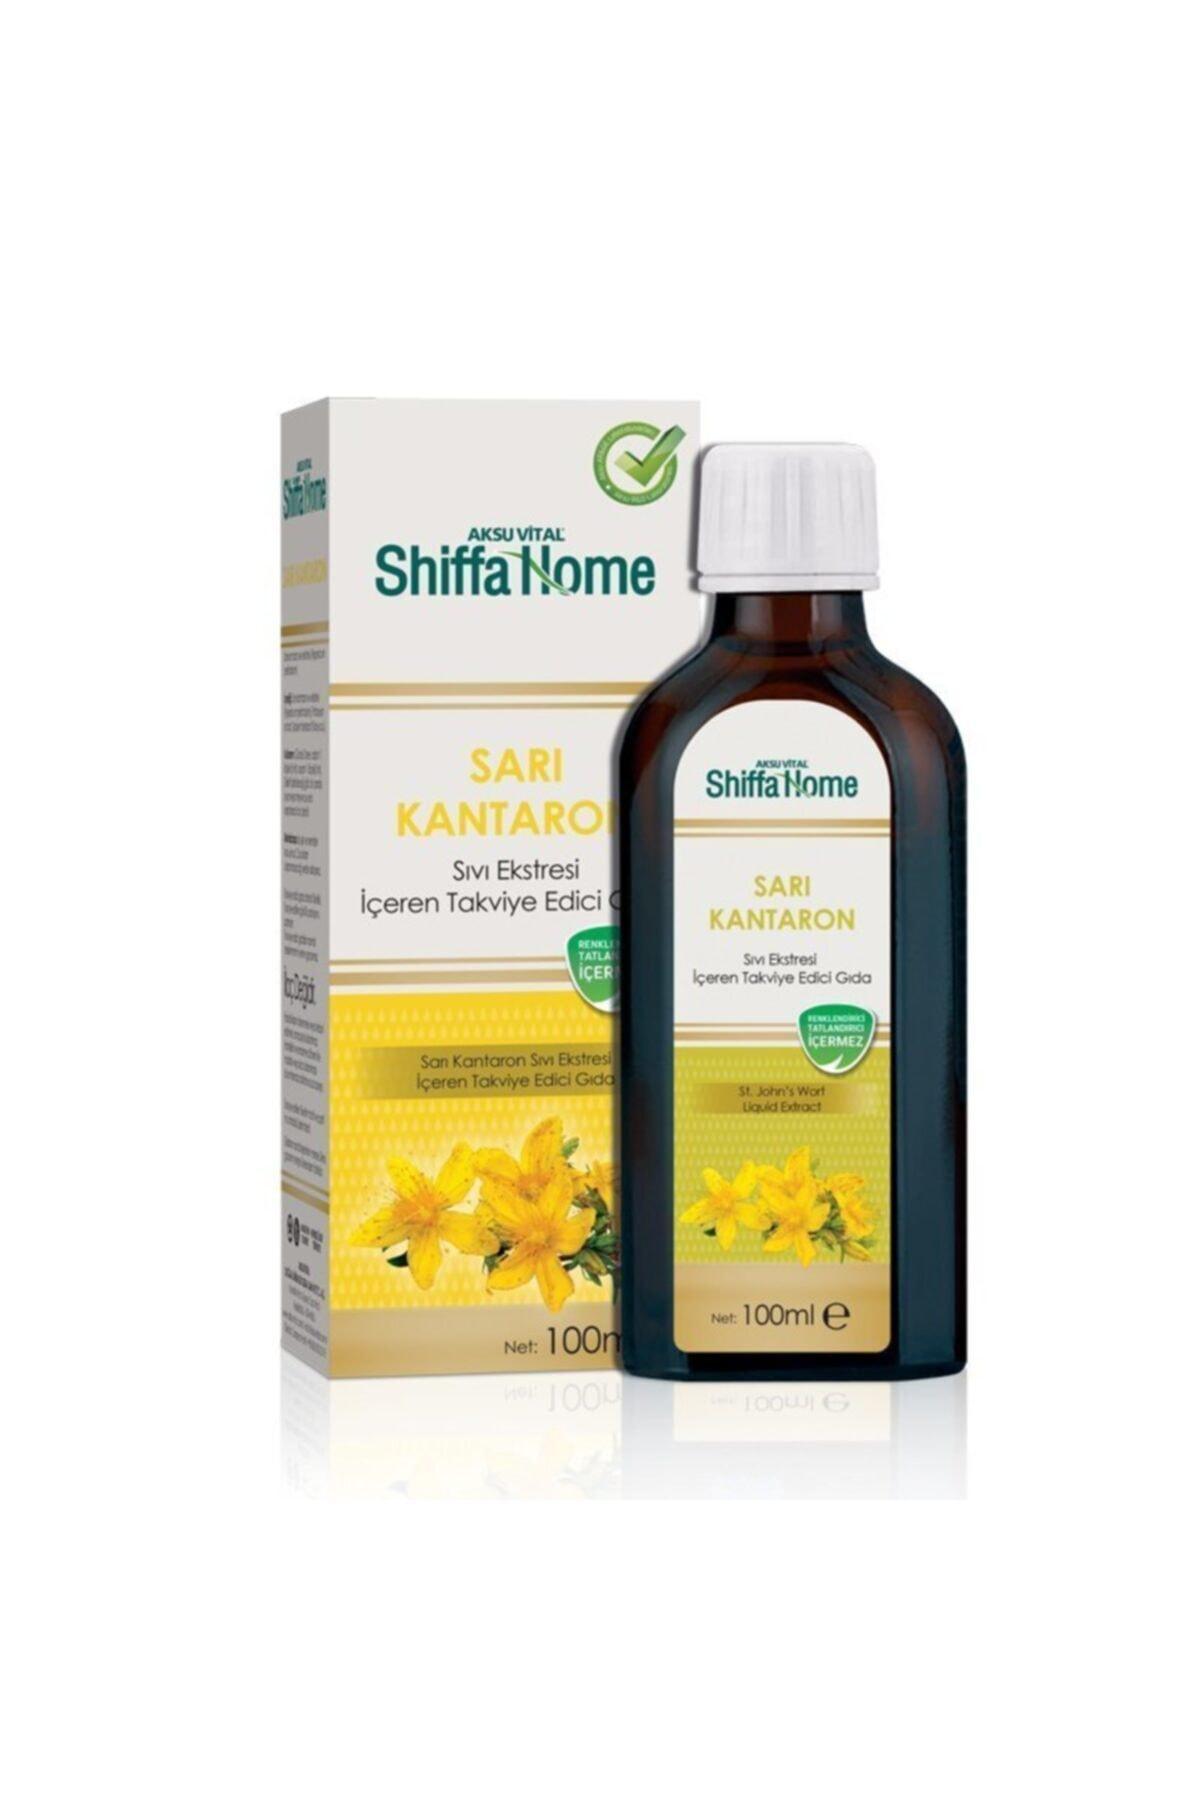 Aksu Vital Shiffa Home Sarı Kantaron Ekstratı Içeren Sıvı 100 Ml 1